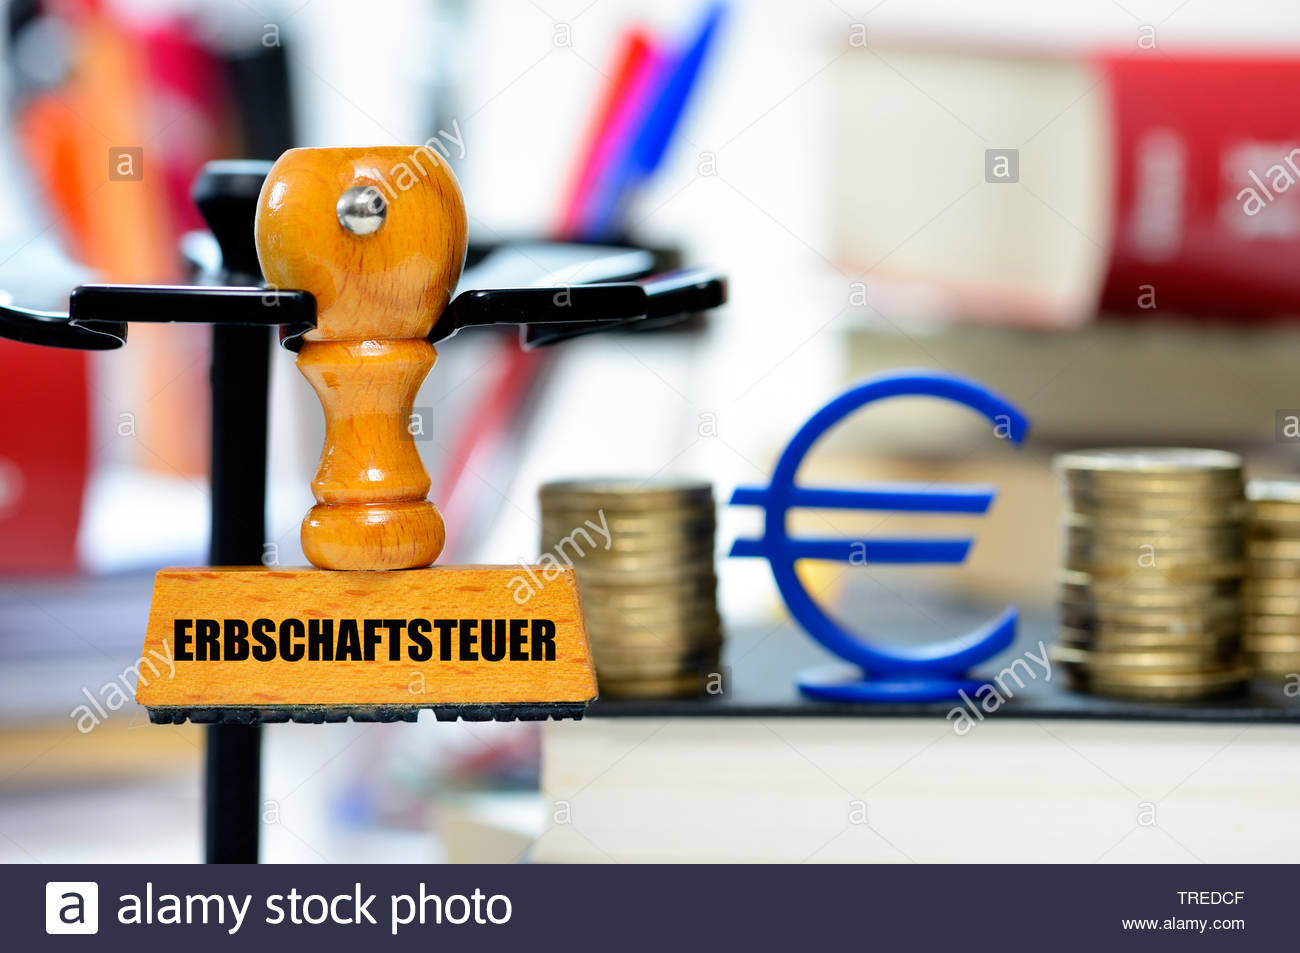 Stempel mit Aufschrift ERBSCHAFTSTEUER vor einem Eurozeichen und Euro-Muenzen, Bundesrepublik Deutschland | Stamp lettering ERBSCHAFTSTEUER (inheritan - Stock Image